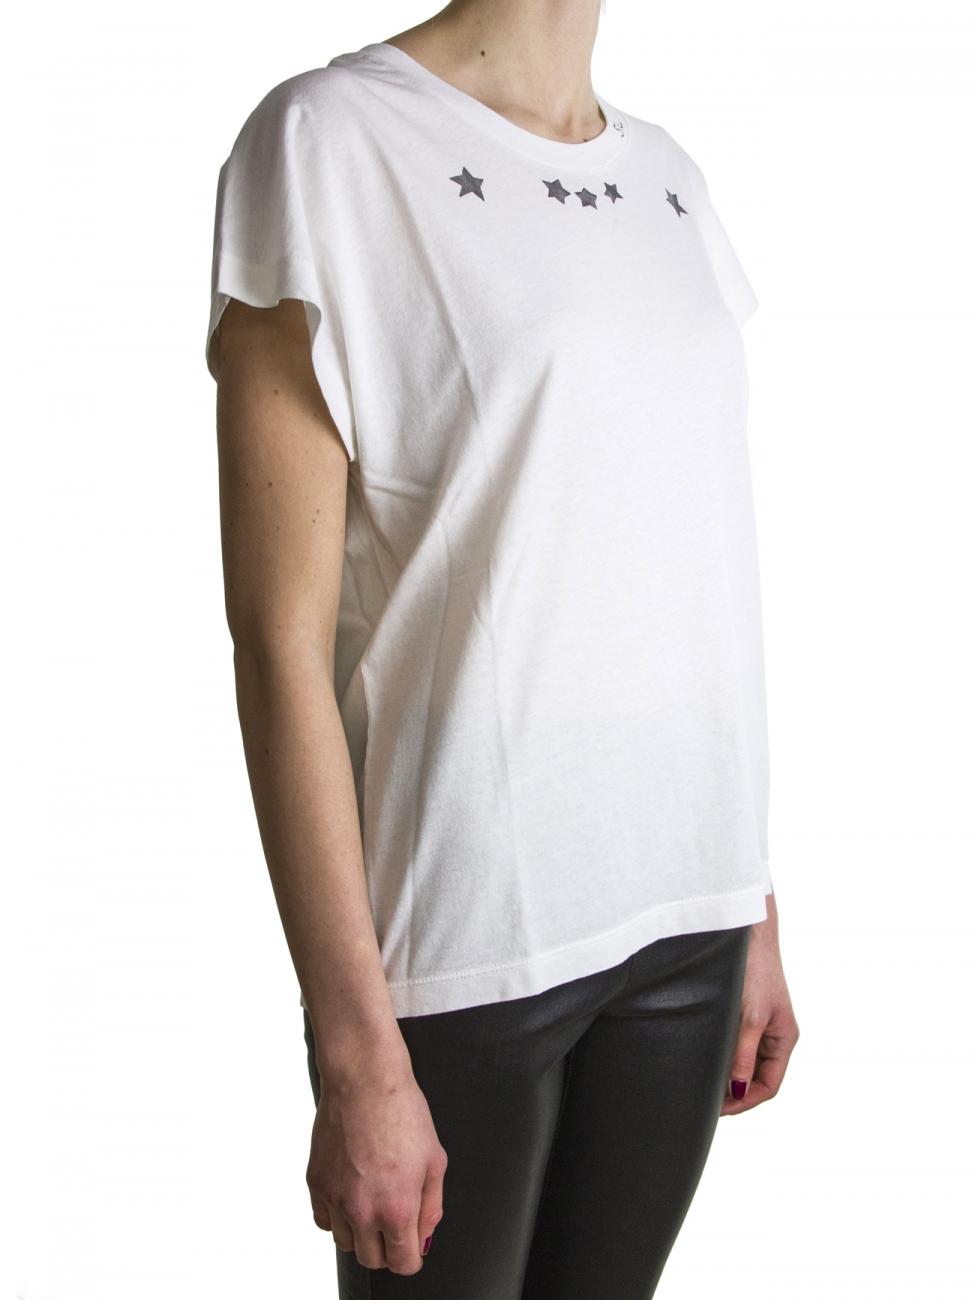 Saint laurent white star t shirt in white lyst for Saint laurent shirt womens